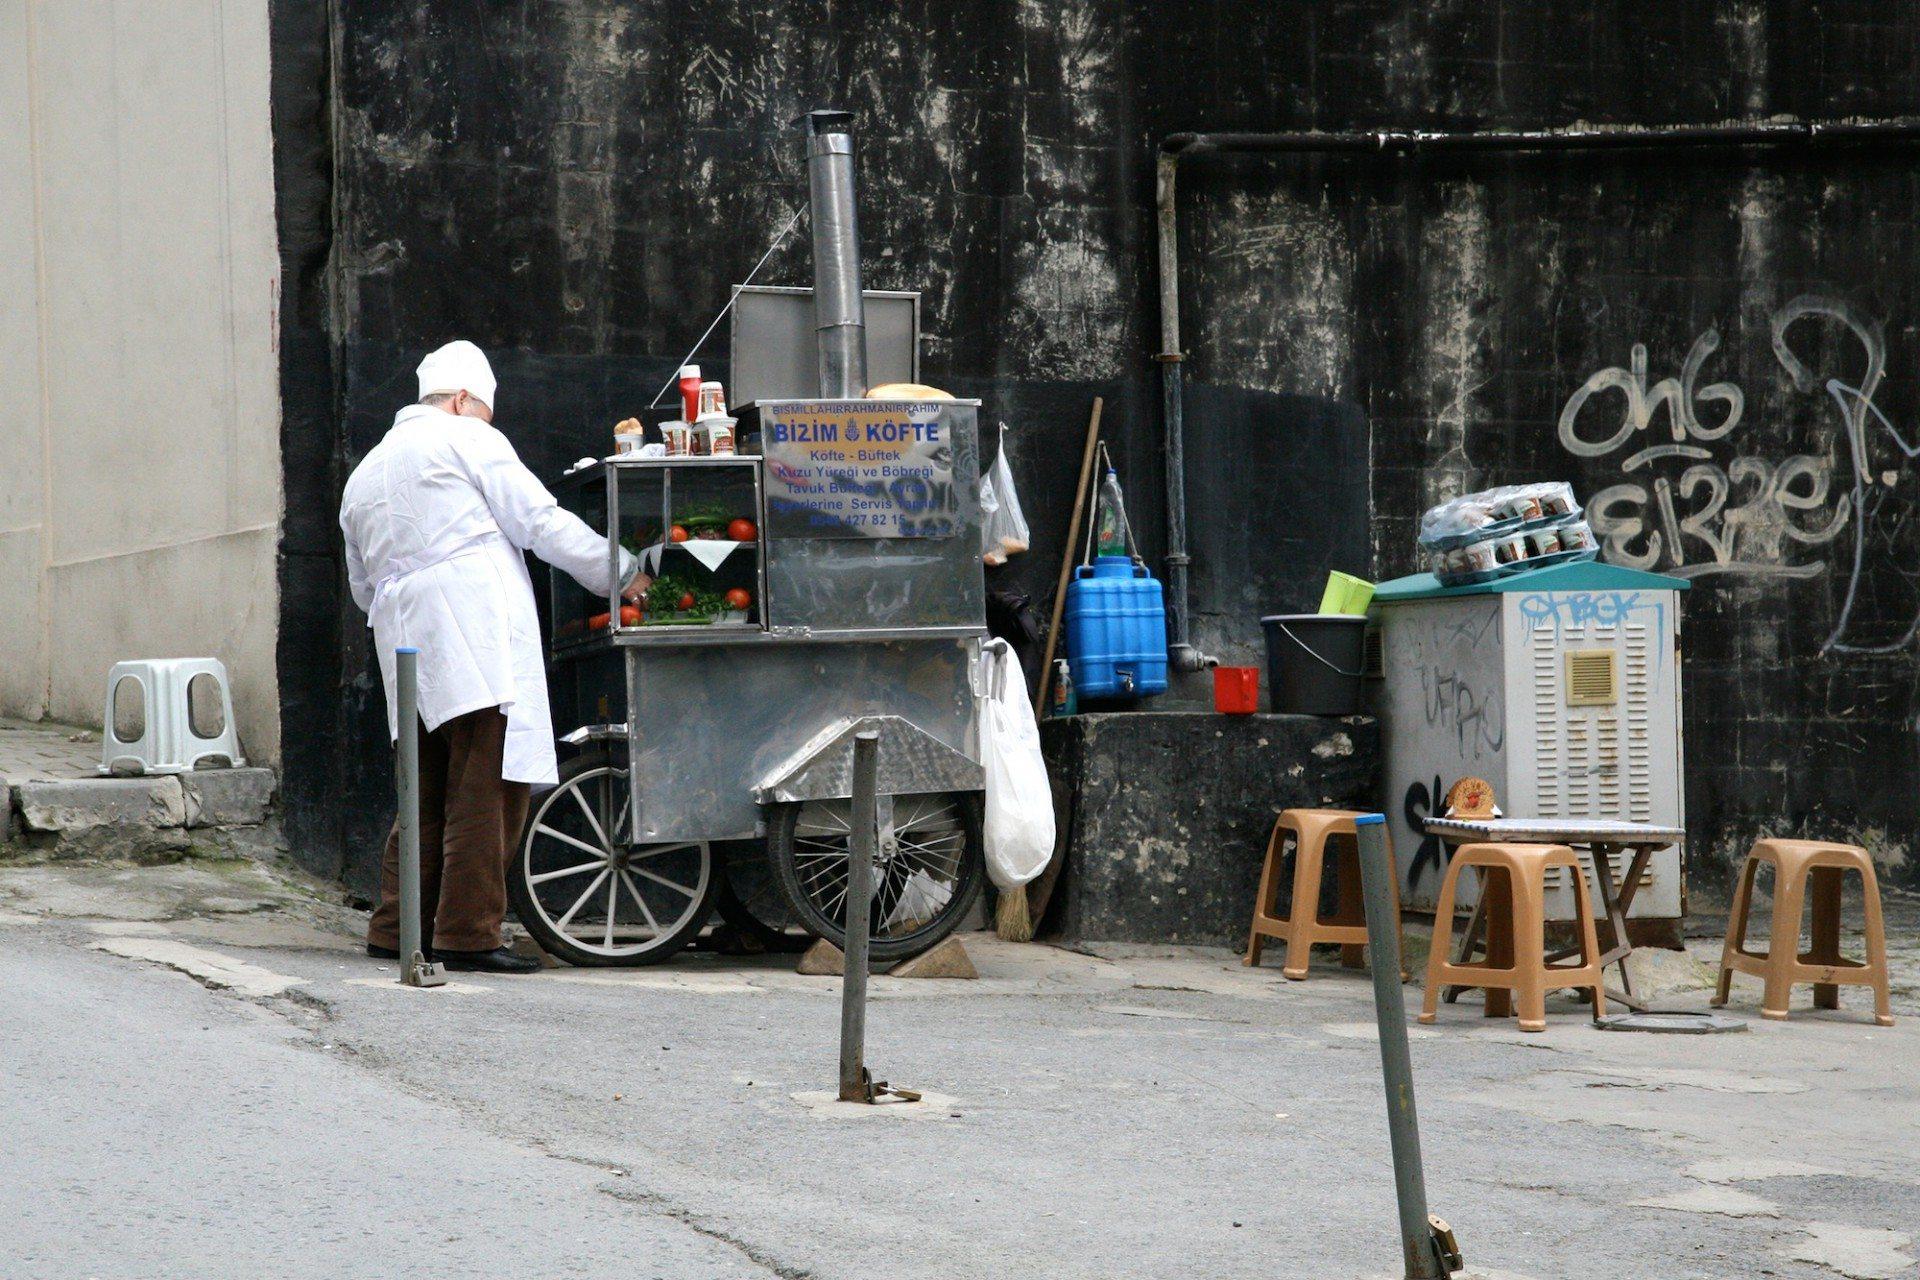 2. Köftemobil. Täglich werden köstliche Köfte vom weißgewandeten Koch auf einem fahrbaren Grill zubereitet.